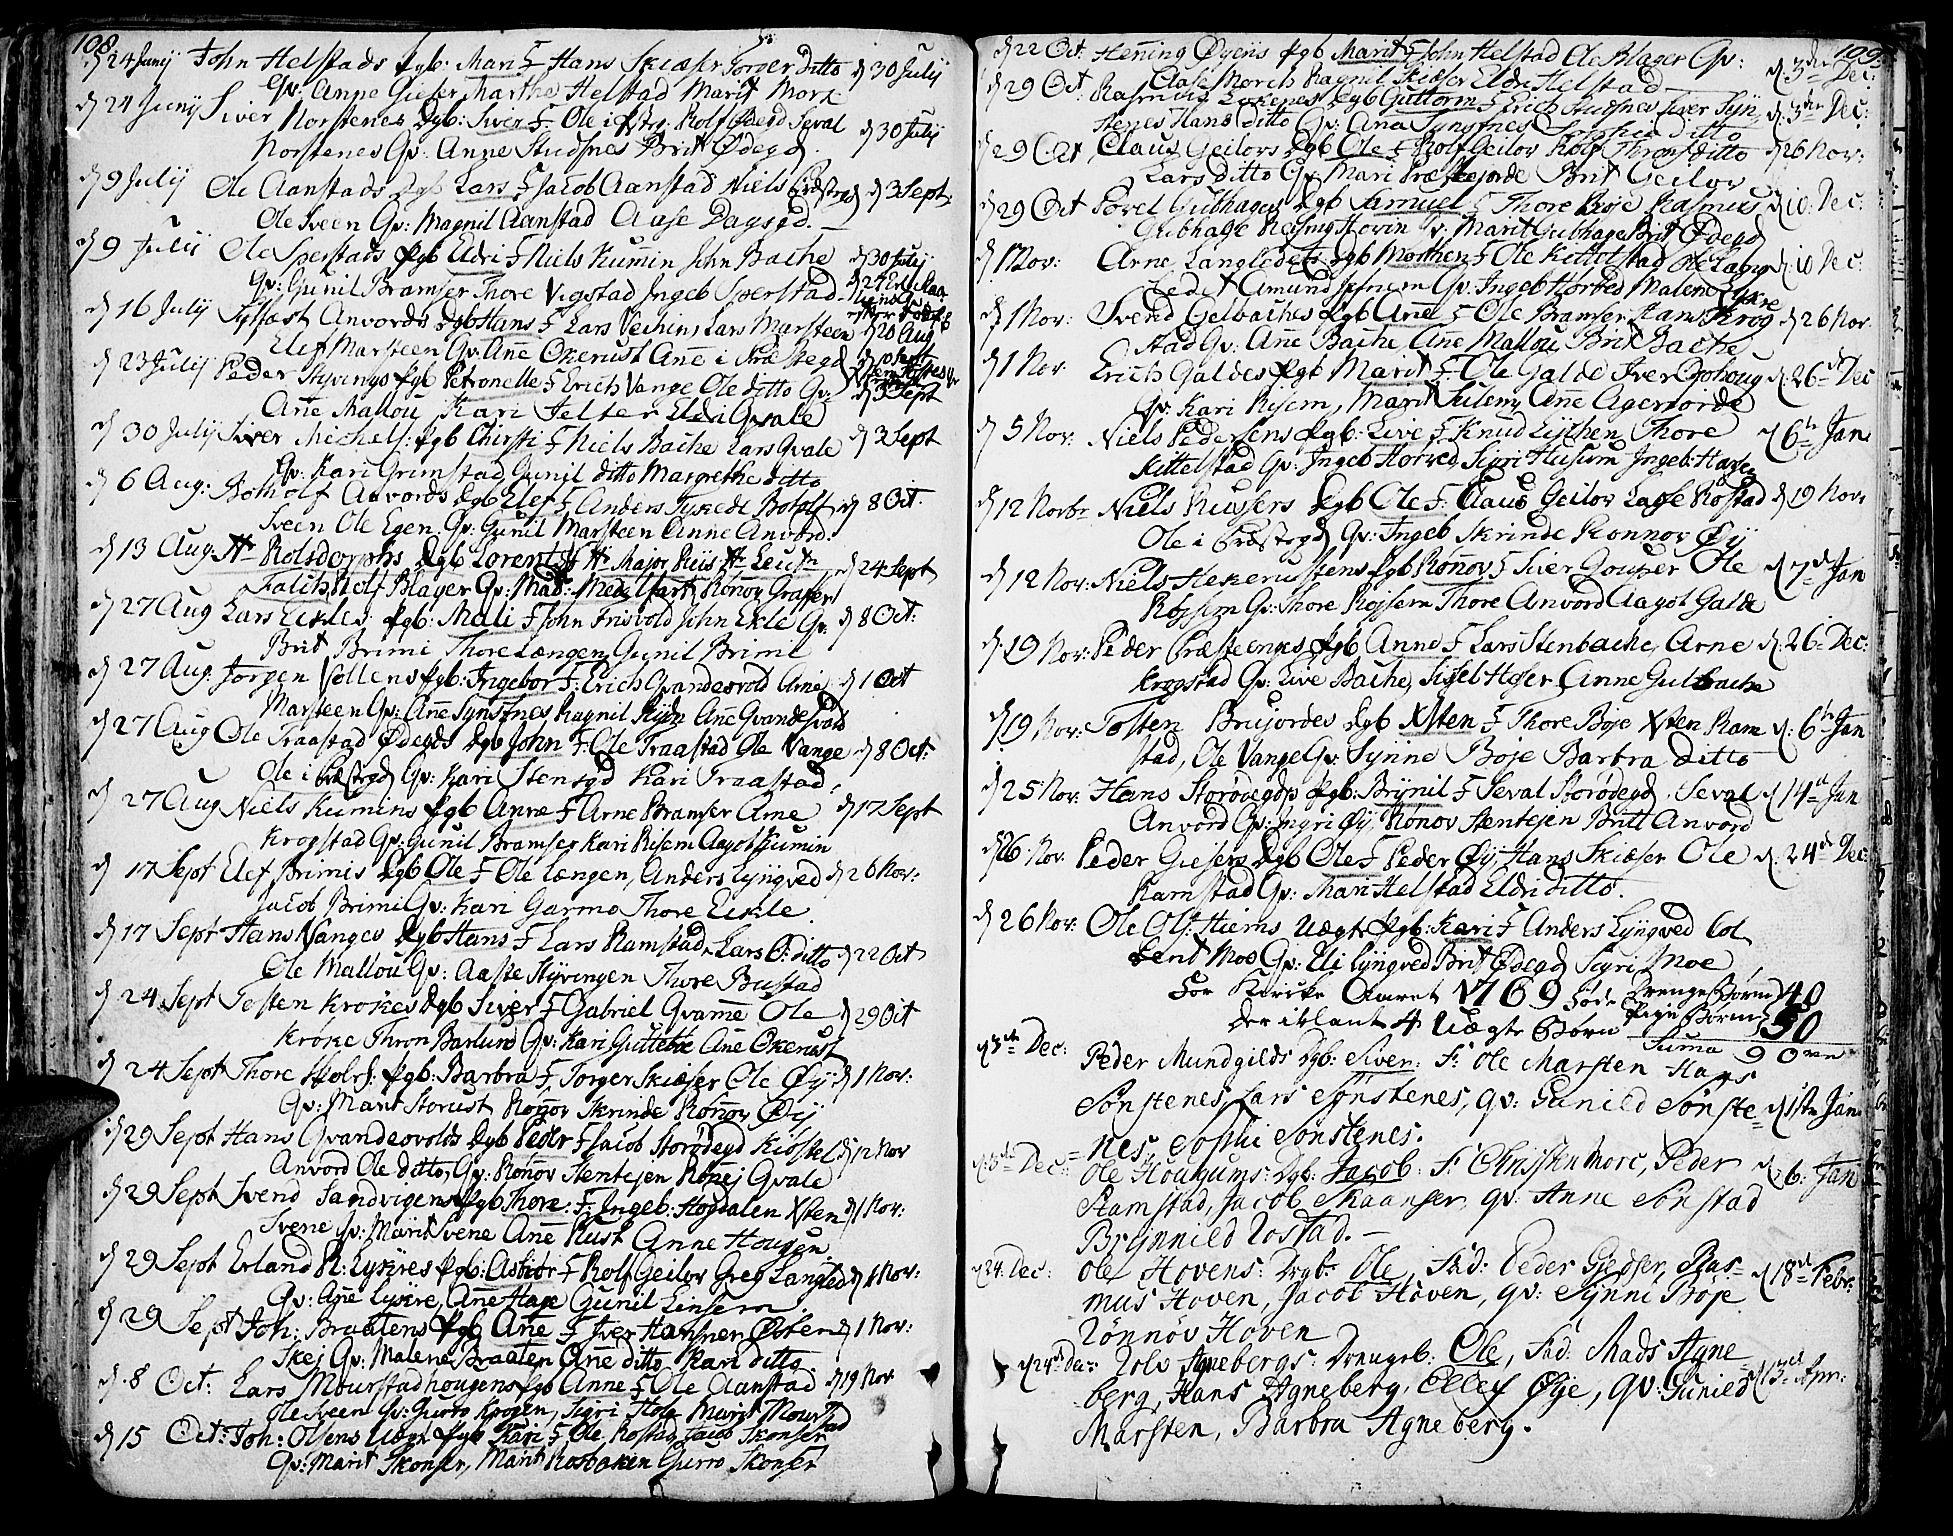 SAH, Lom prestekontor, K/L0002: Ministerialbok nr. 2, 1749-1801, s. 108-109